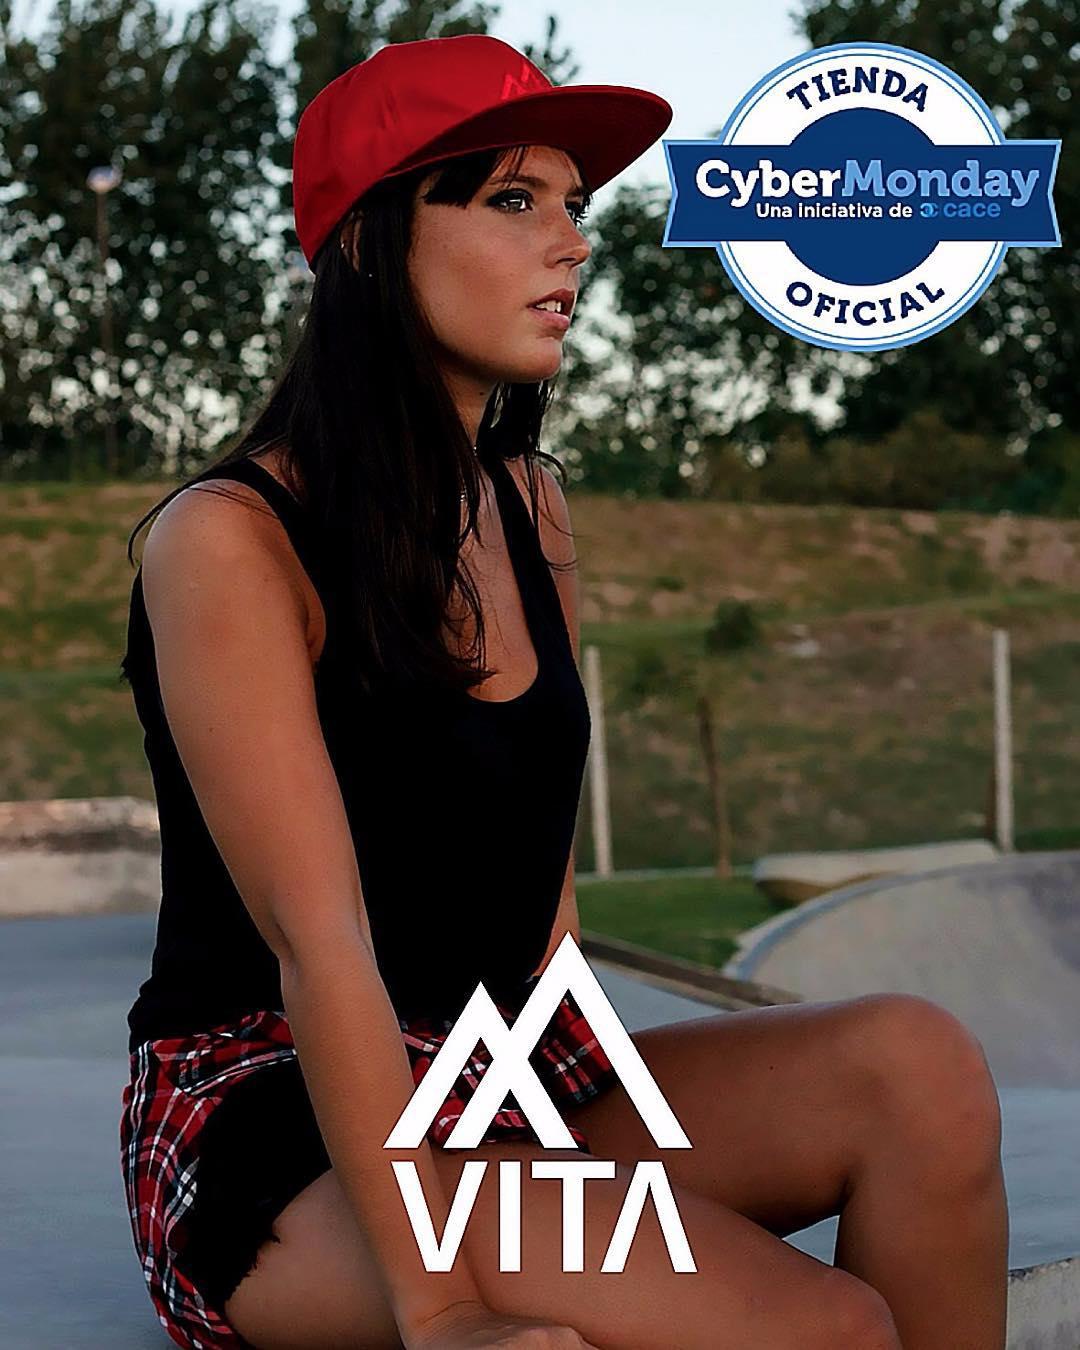 #CyberMonday en #VITA ‼️ No te pierdas las increíbles ofertas y descuentos que tenemos para vos, cuotas y envíos sin cargo a todo el país! Metete en netshoes.com.ar y conseguí tu #VITA • #VitaCaps #CyberMonday #Caps #vsco #vscocam #l4l